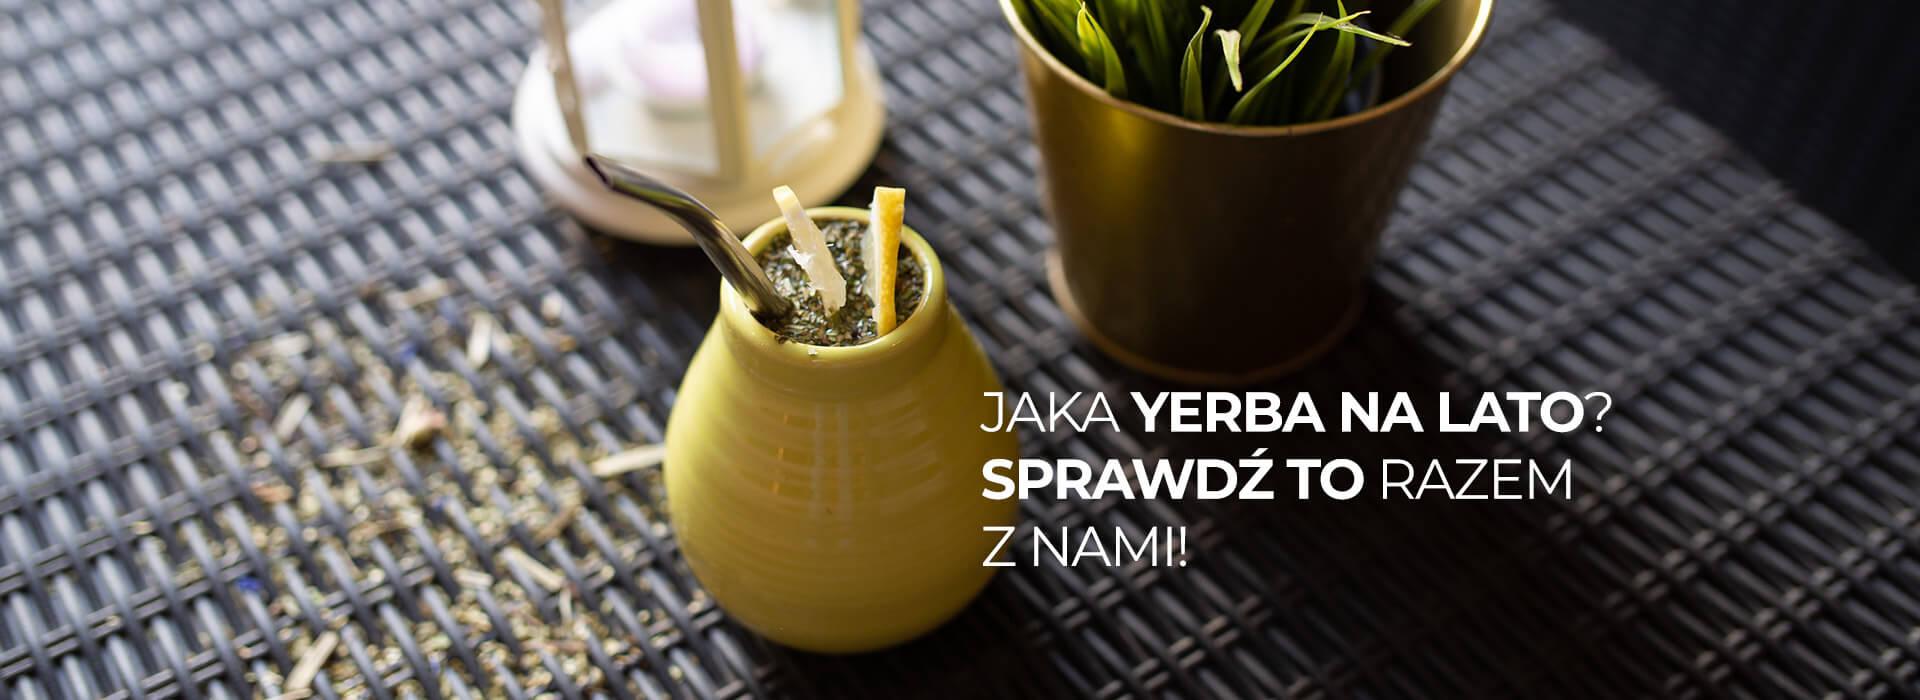 Zastanawiasz się jaką yerba mate na zimno wybrać? Sprawdź jaką yerbe do Tereré polecamy.                                      | ZielonyTarg.pl